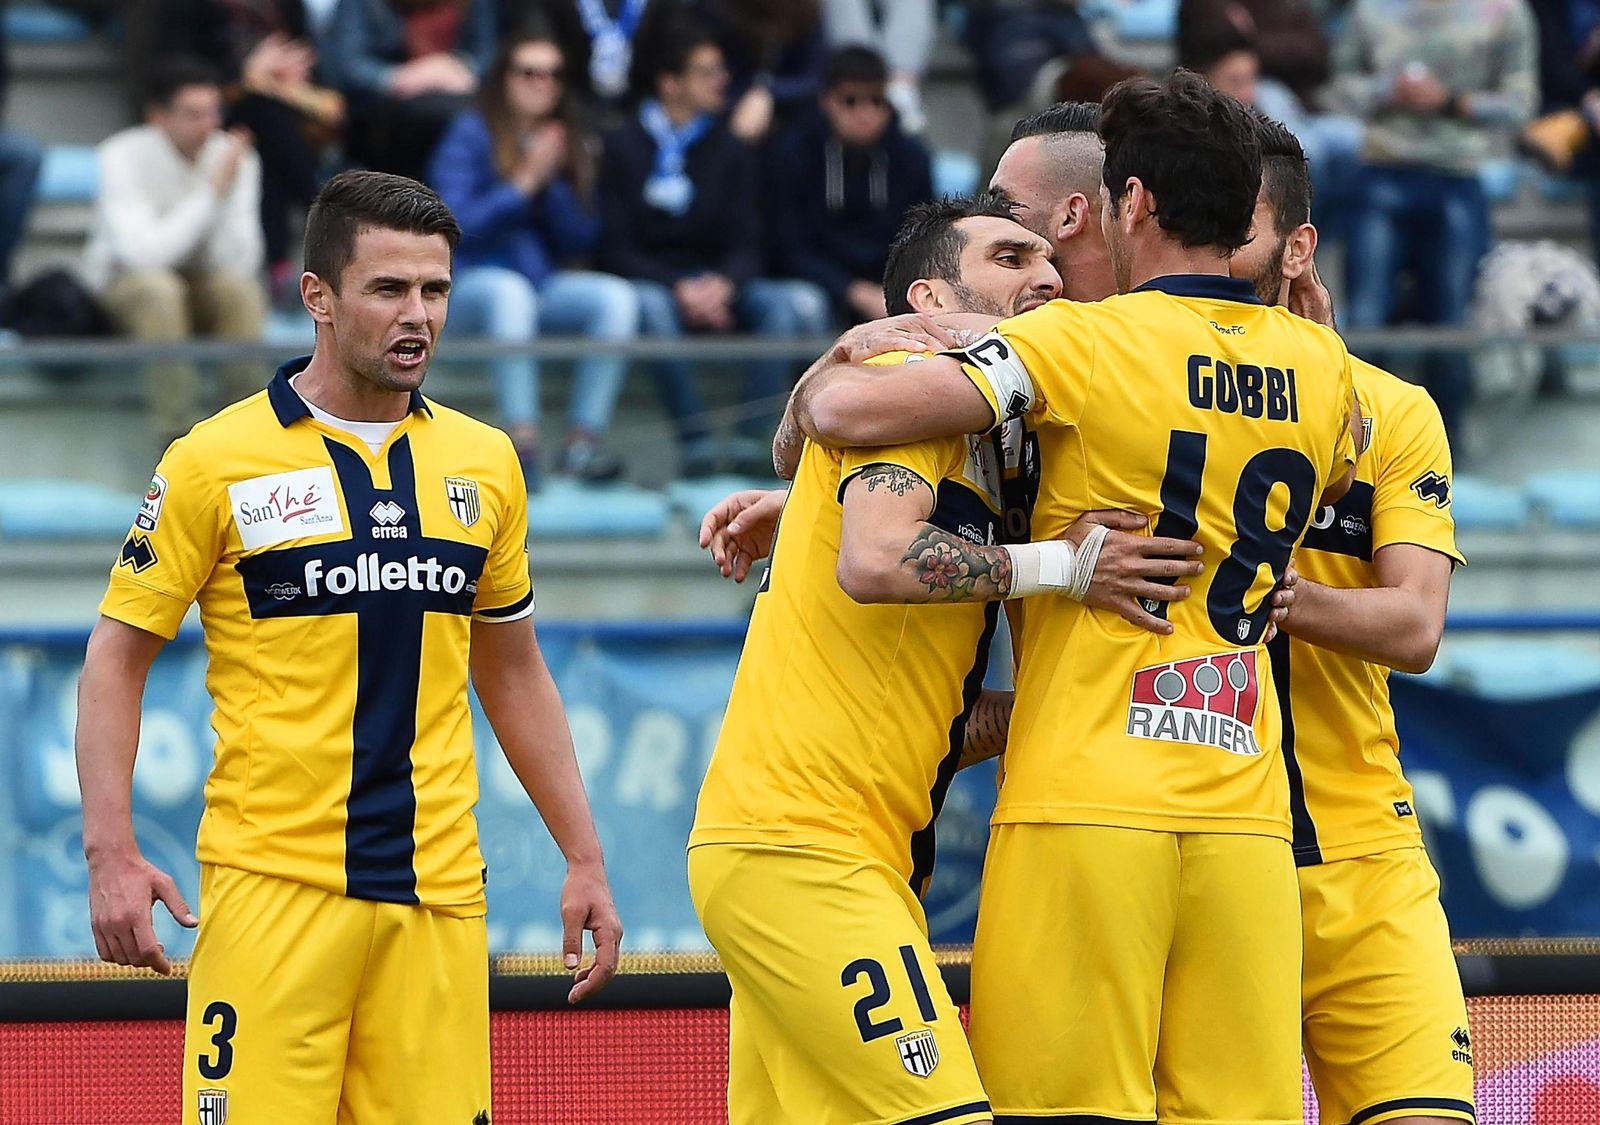 Empoli FC vs Parma FC